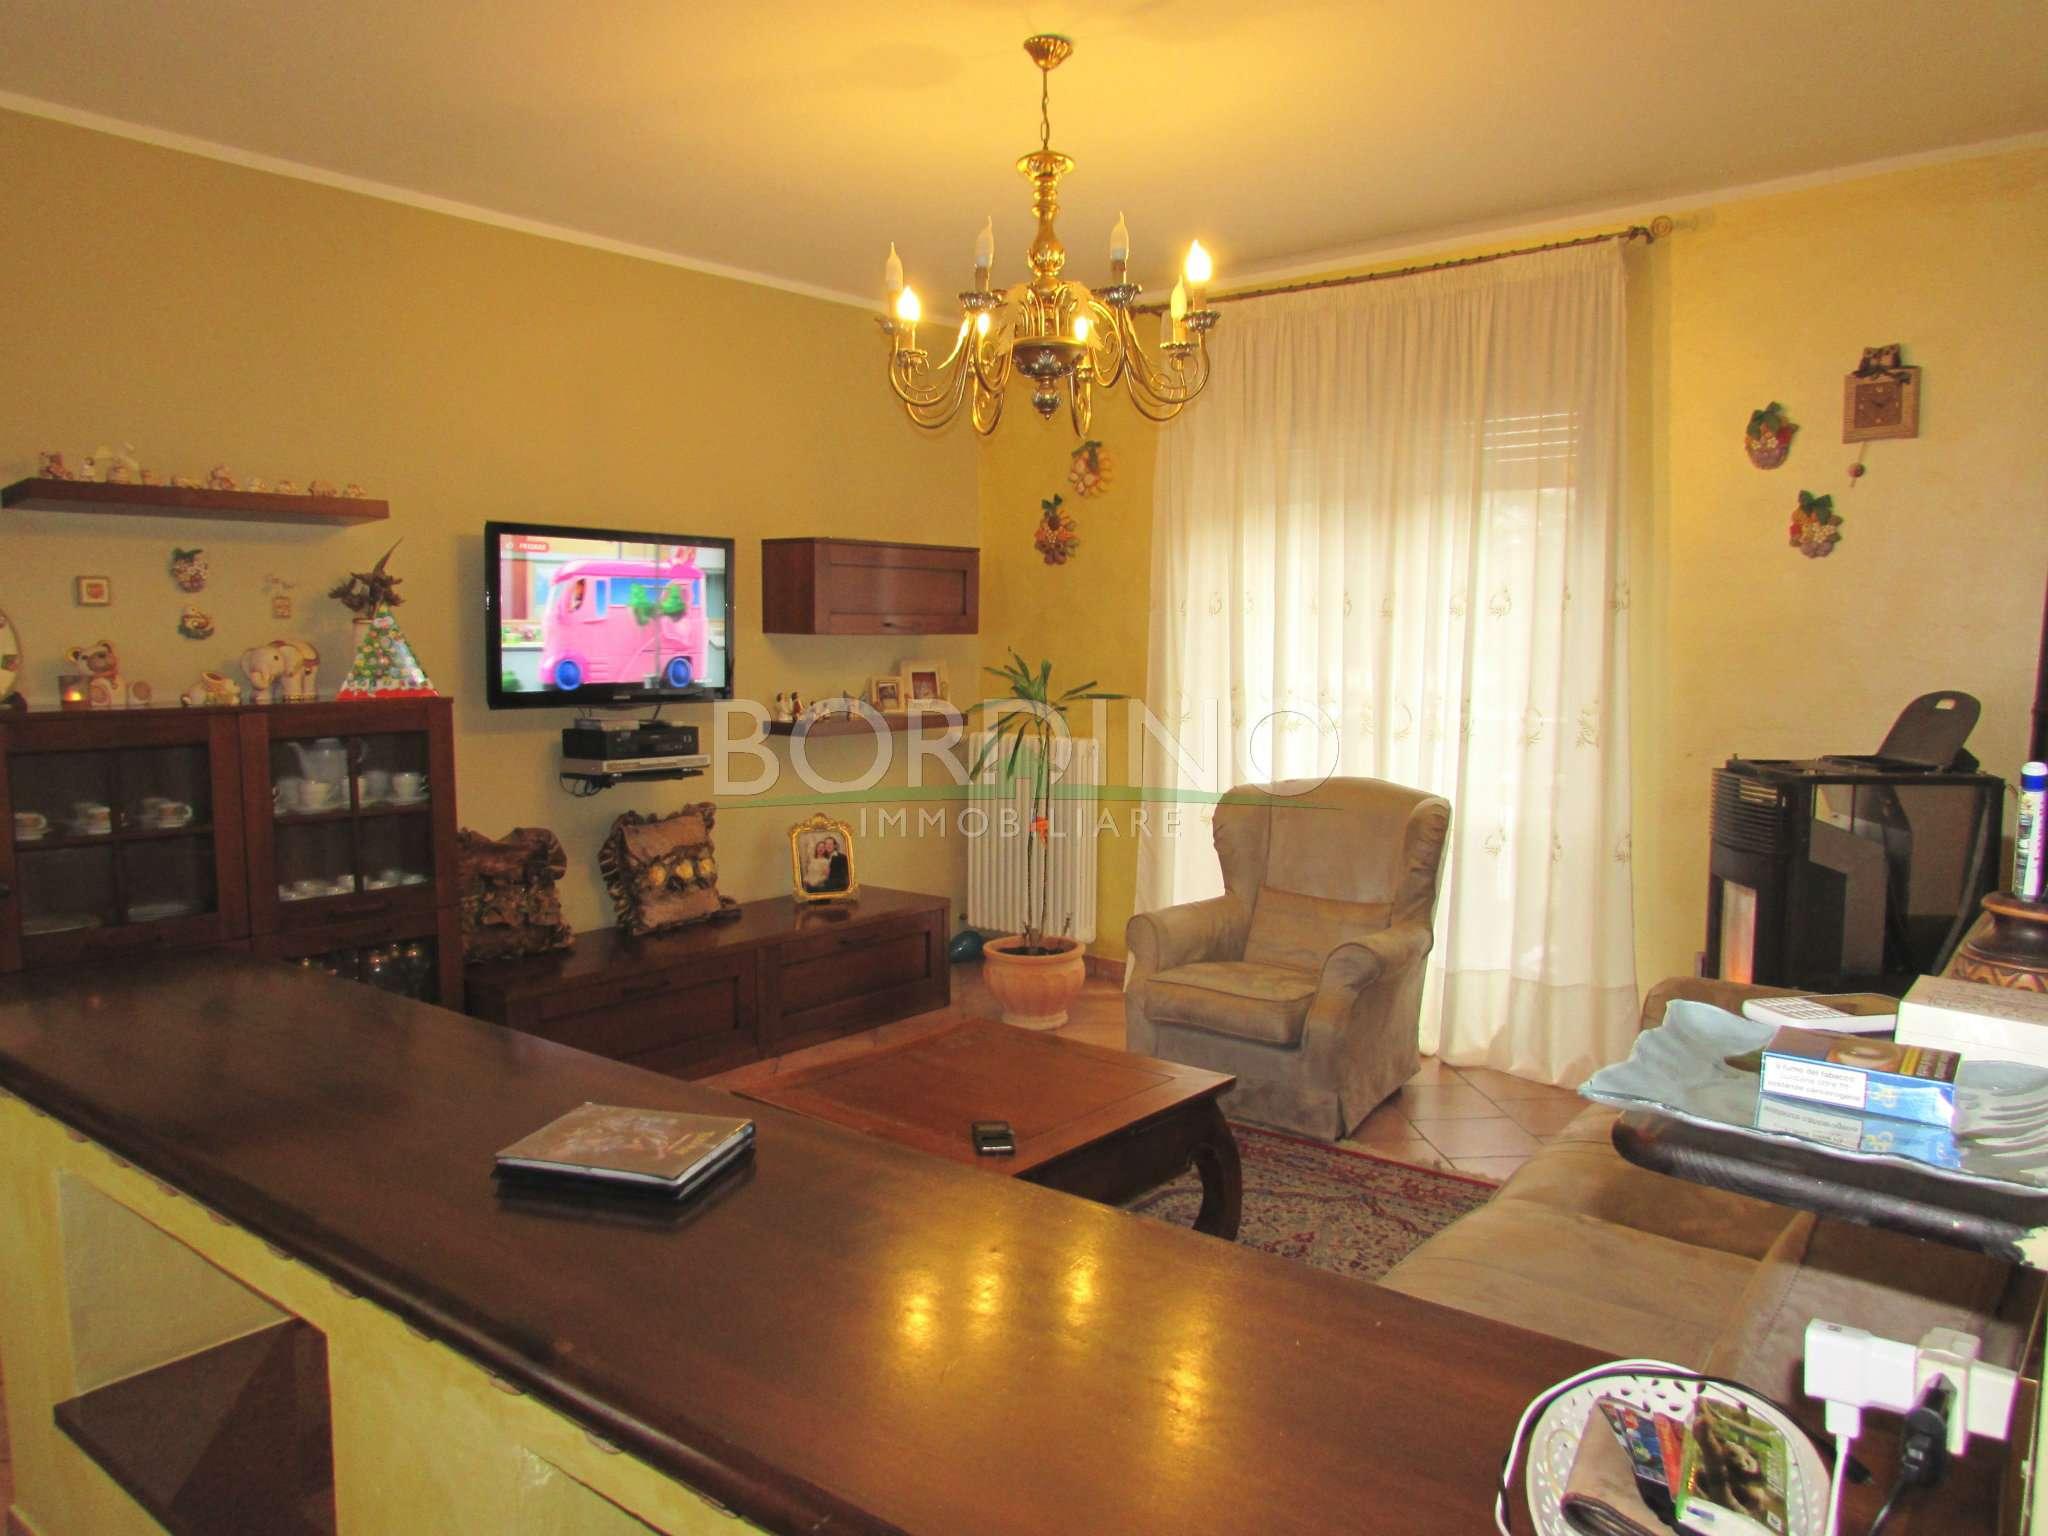 Soluzione Indipendente in vendita a Magliano Alfieri, 4 locali, prezzo € 145.000 | CambioCasa.it